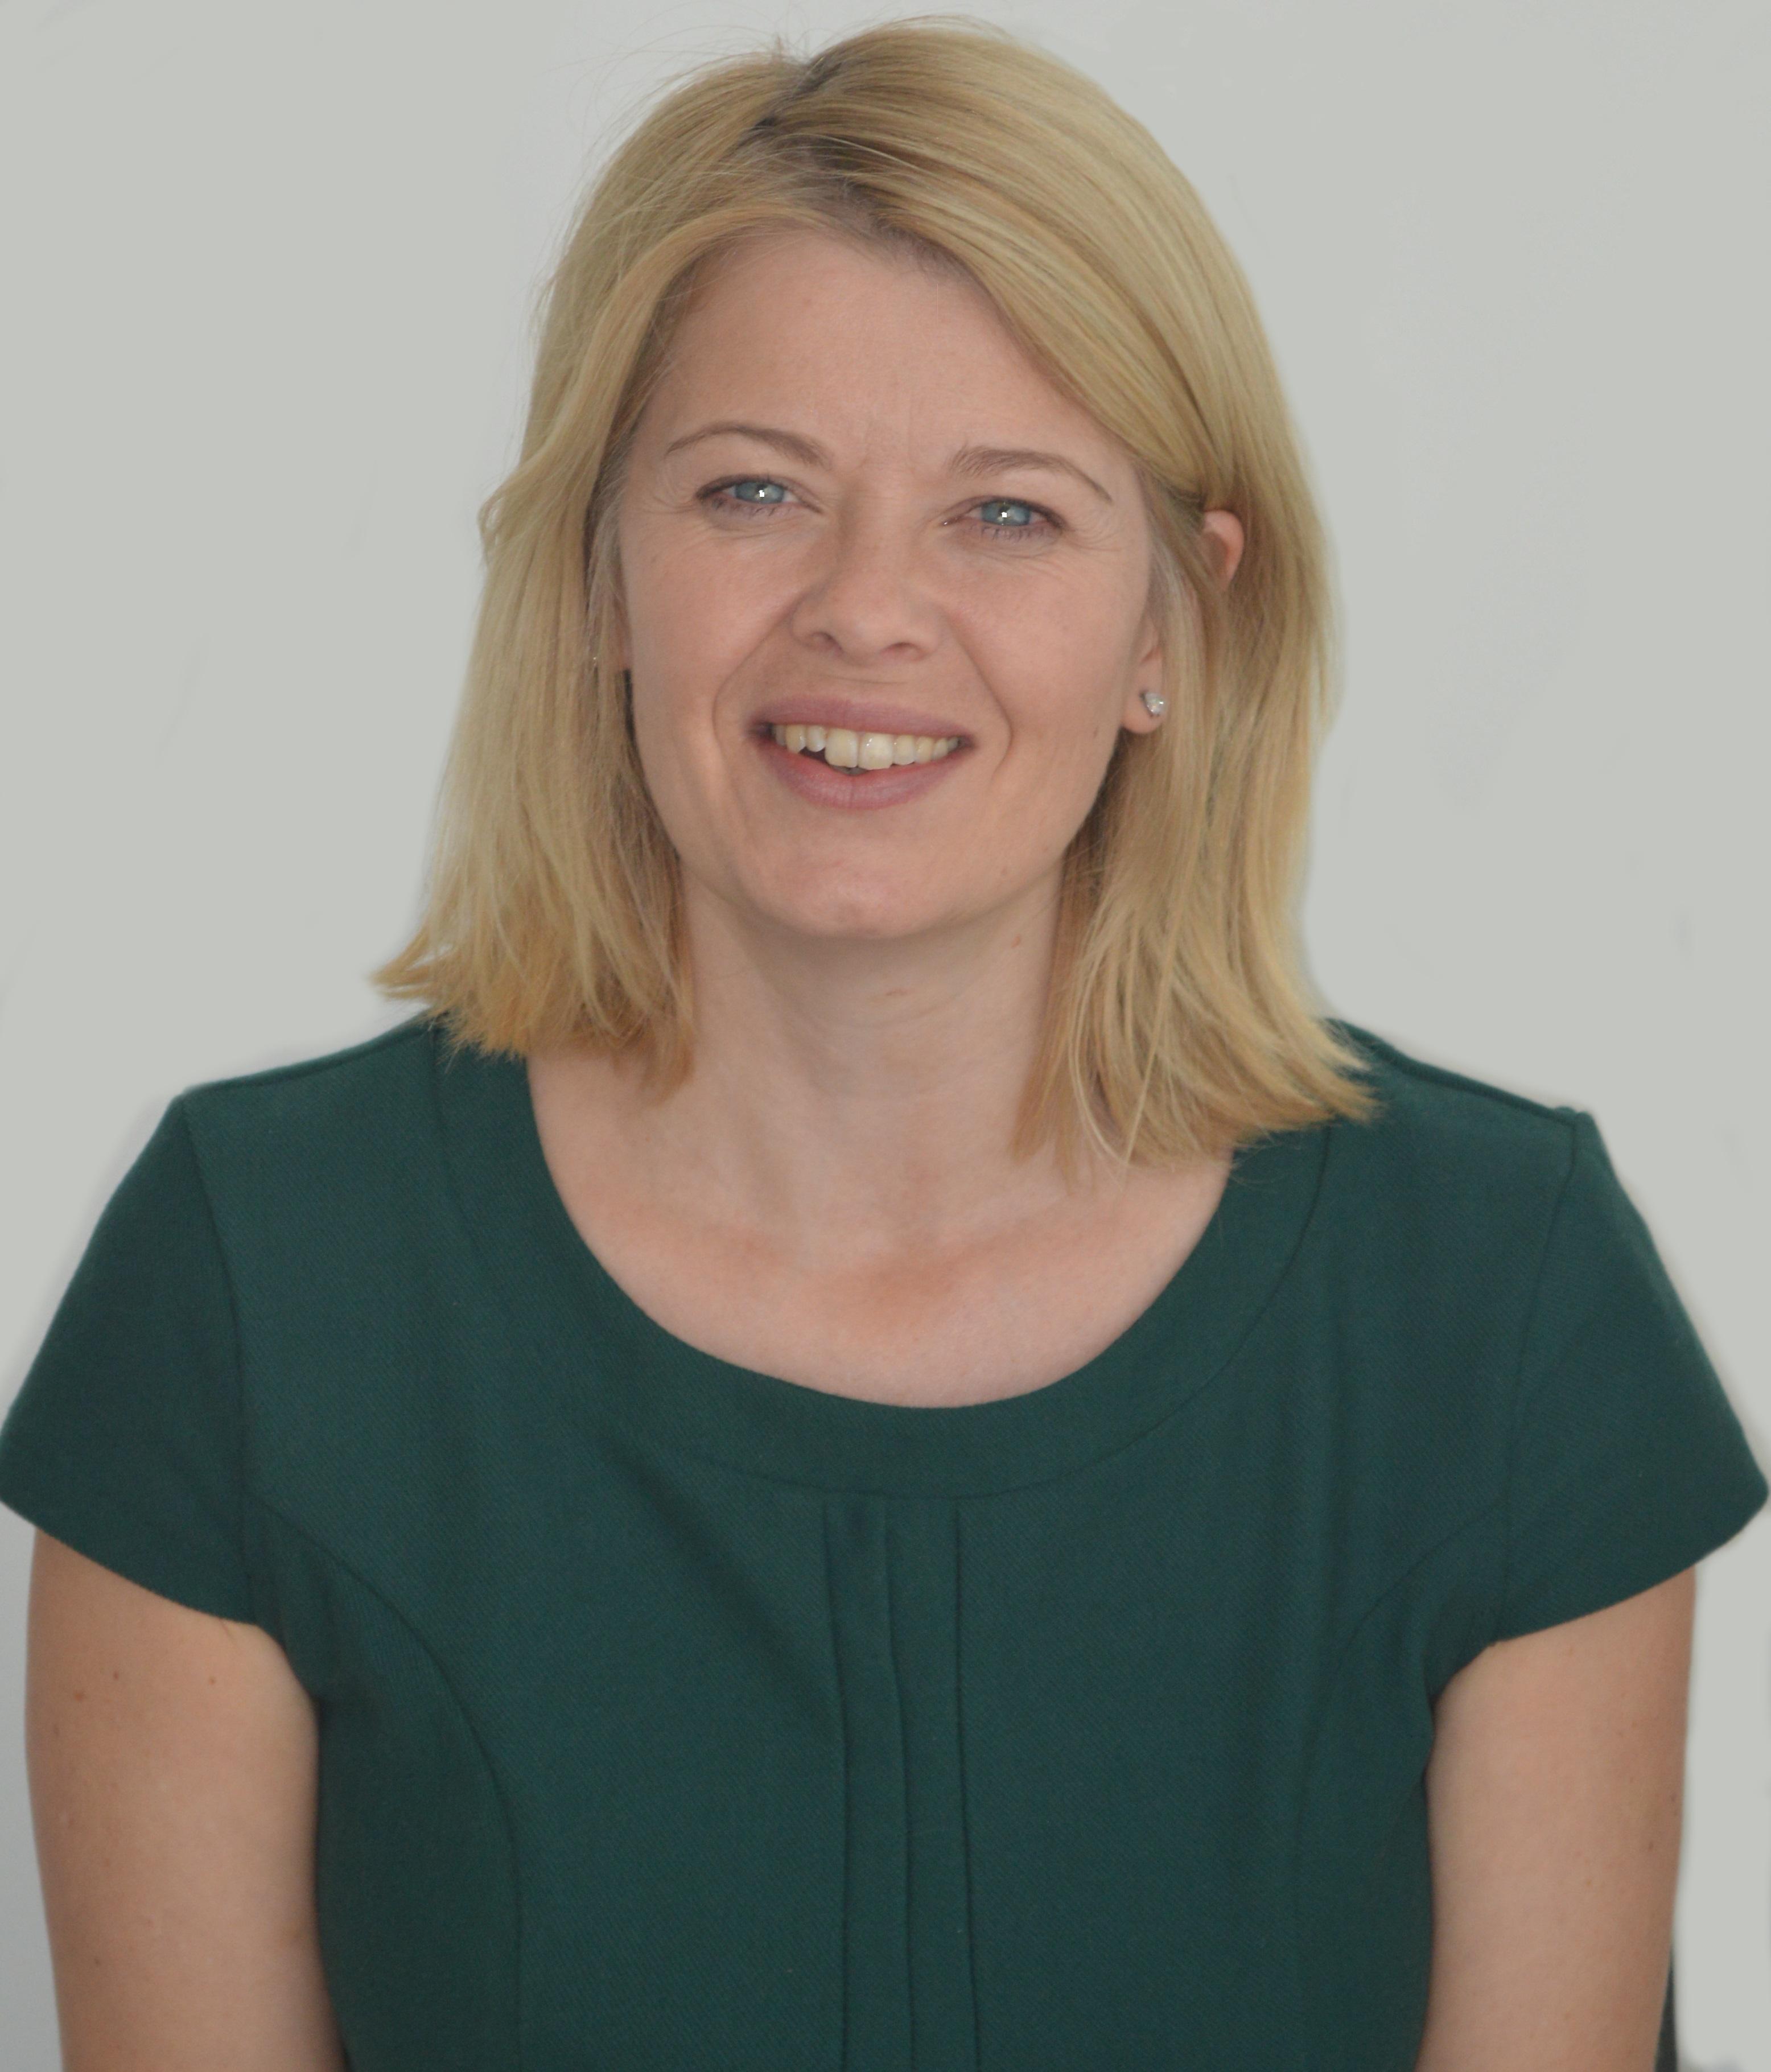 Jeanette Field